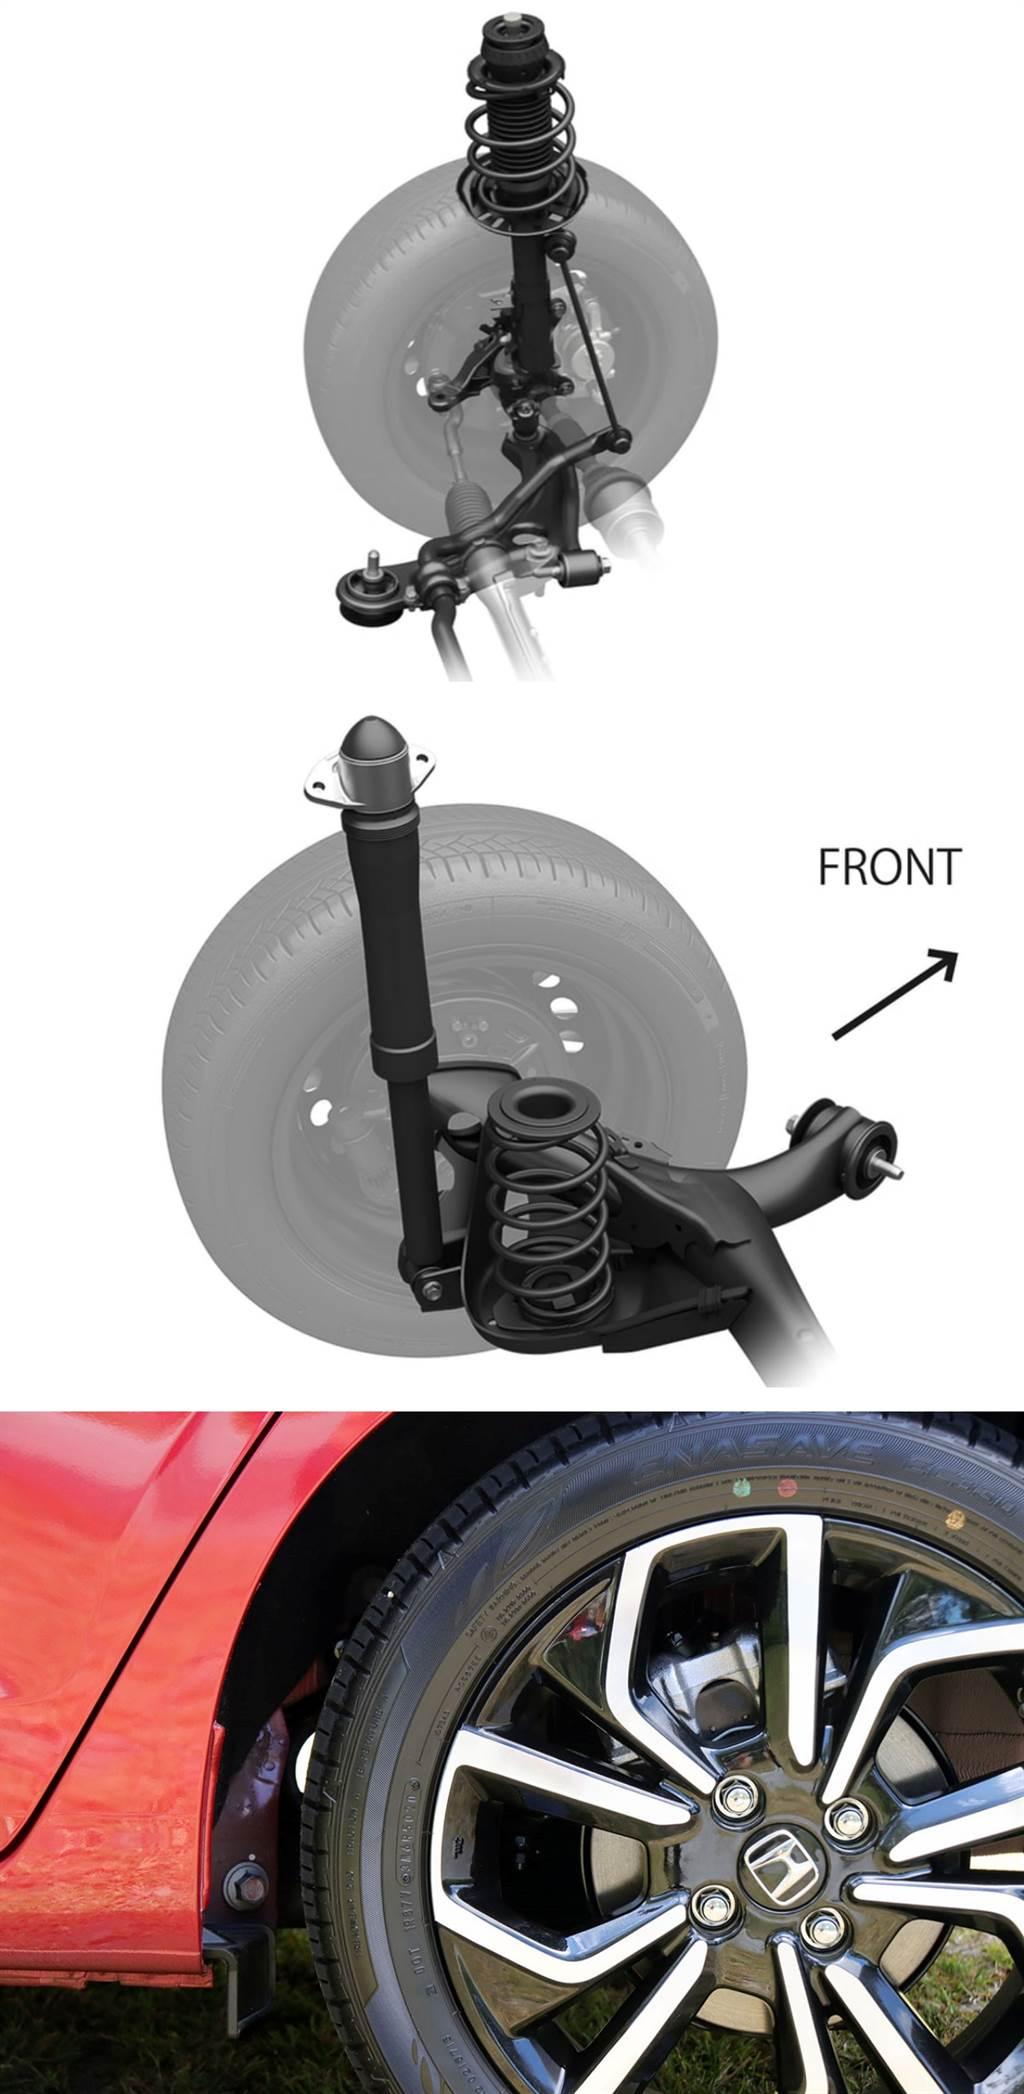 後輪碟煞的卡鉗設計相當有巧思,位於 11 點鐘方向的它在煞車的時候可以有效減緩點頭的狀況,當然換上四輪碟煞+EBD電子手煞車之後,其制動能力也比上一代來得優異許多。(圖/CarStuff)